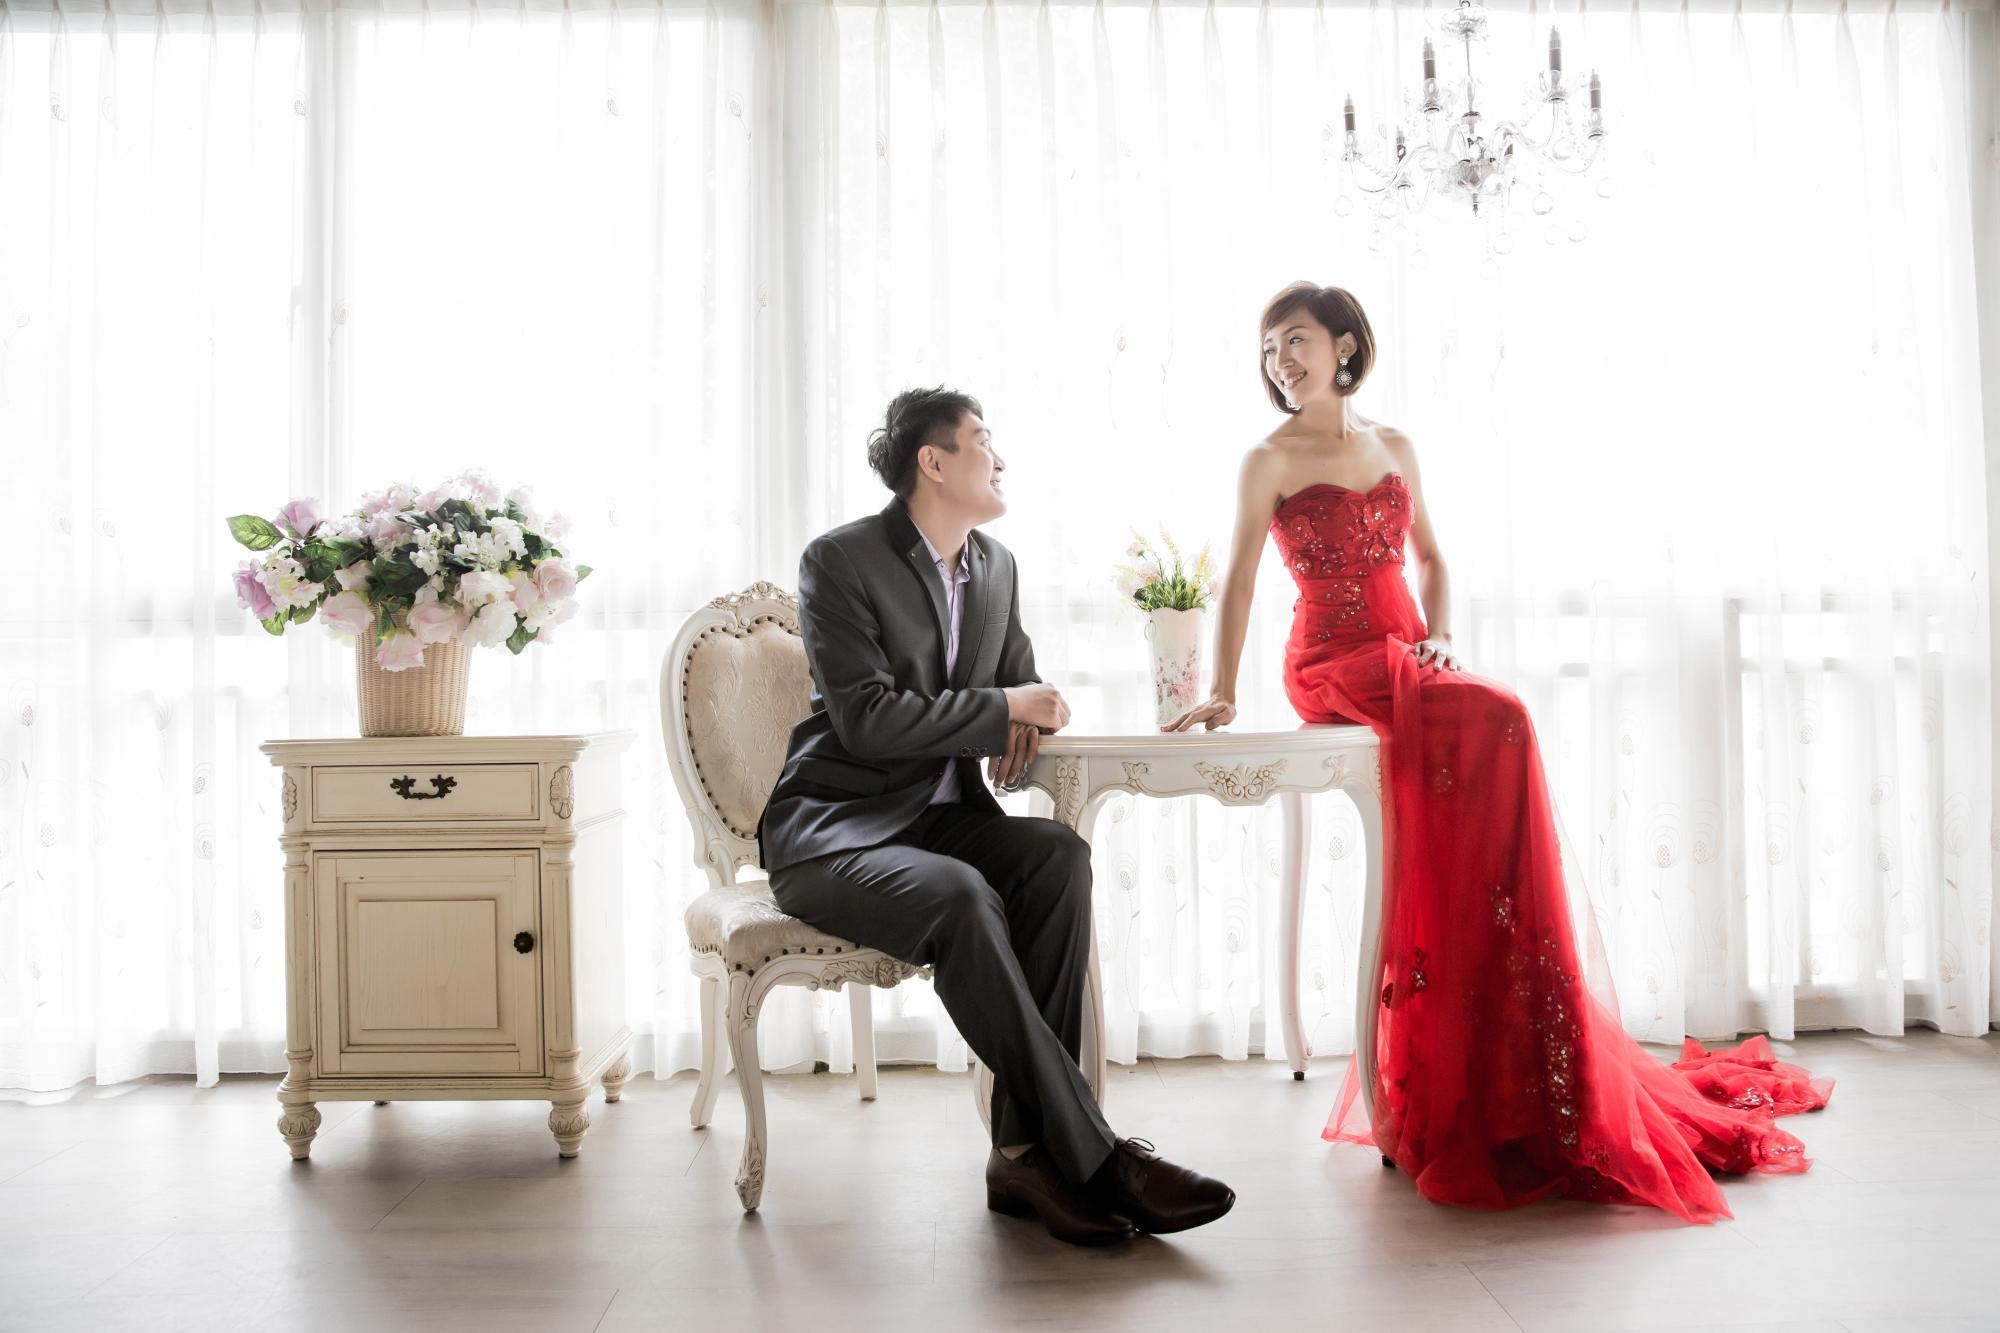 婚紗攝影與逆光婚紗照